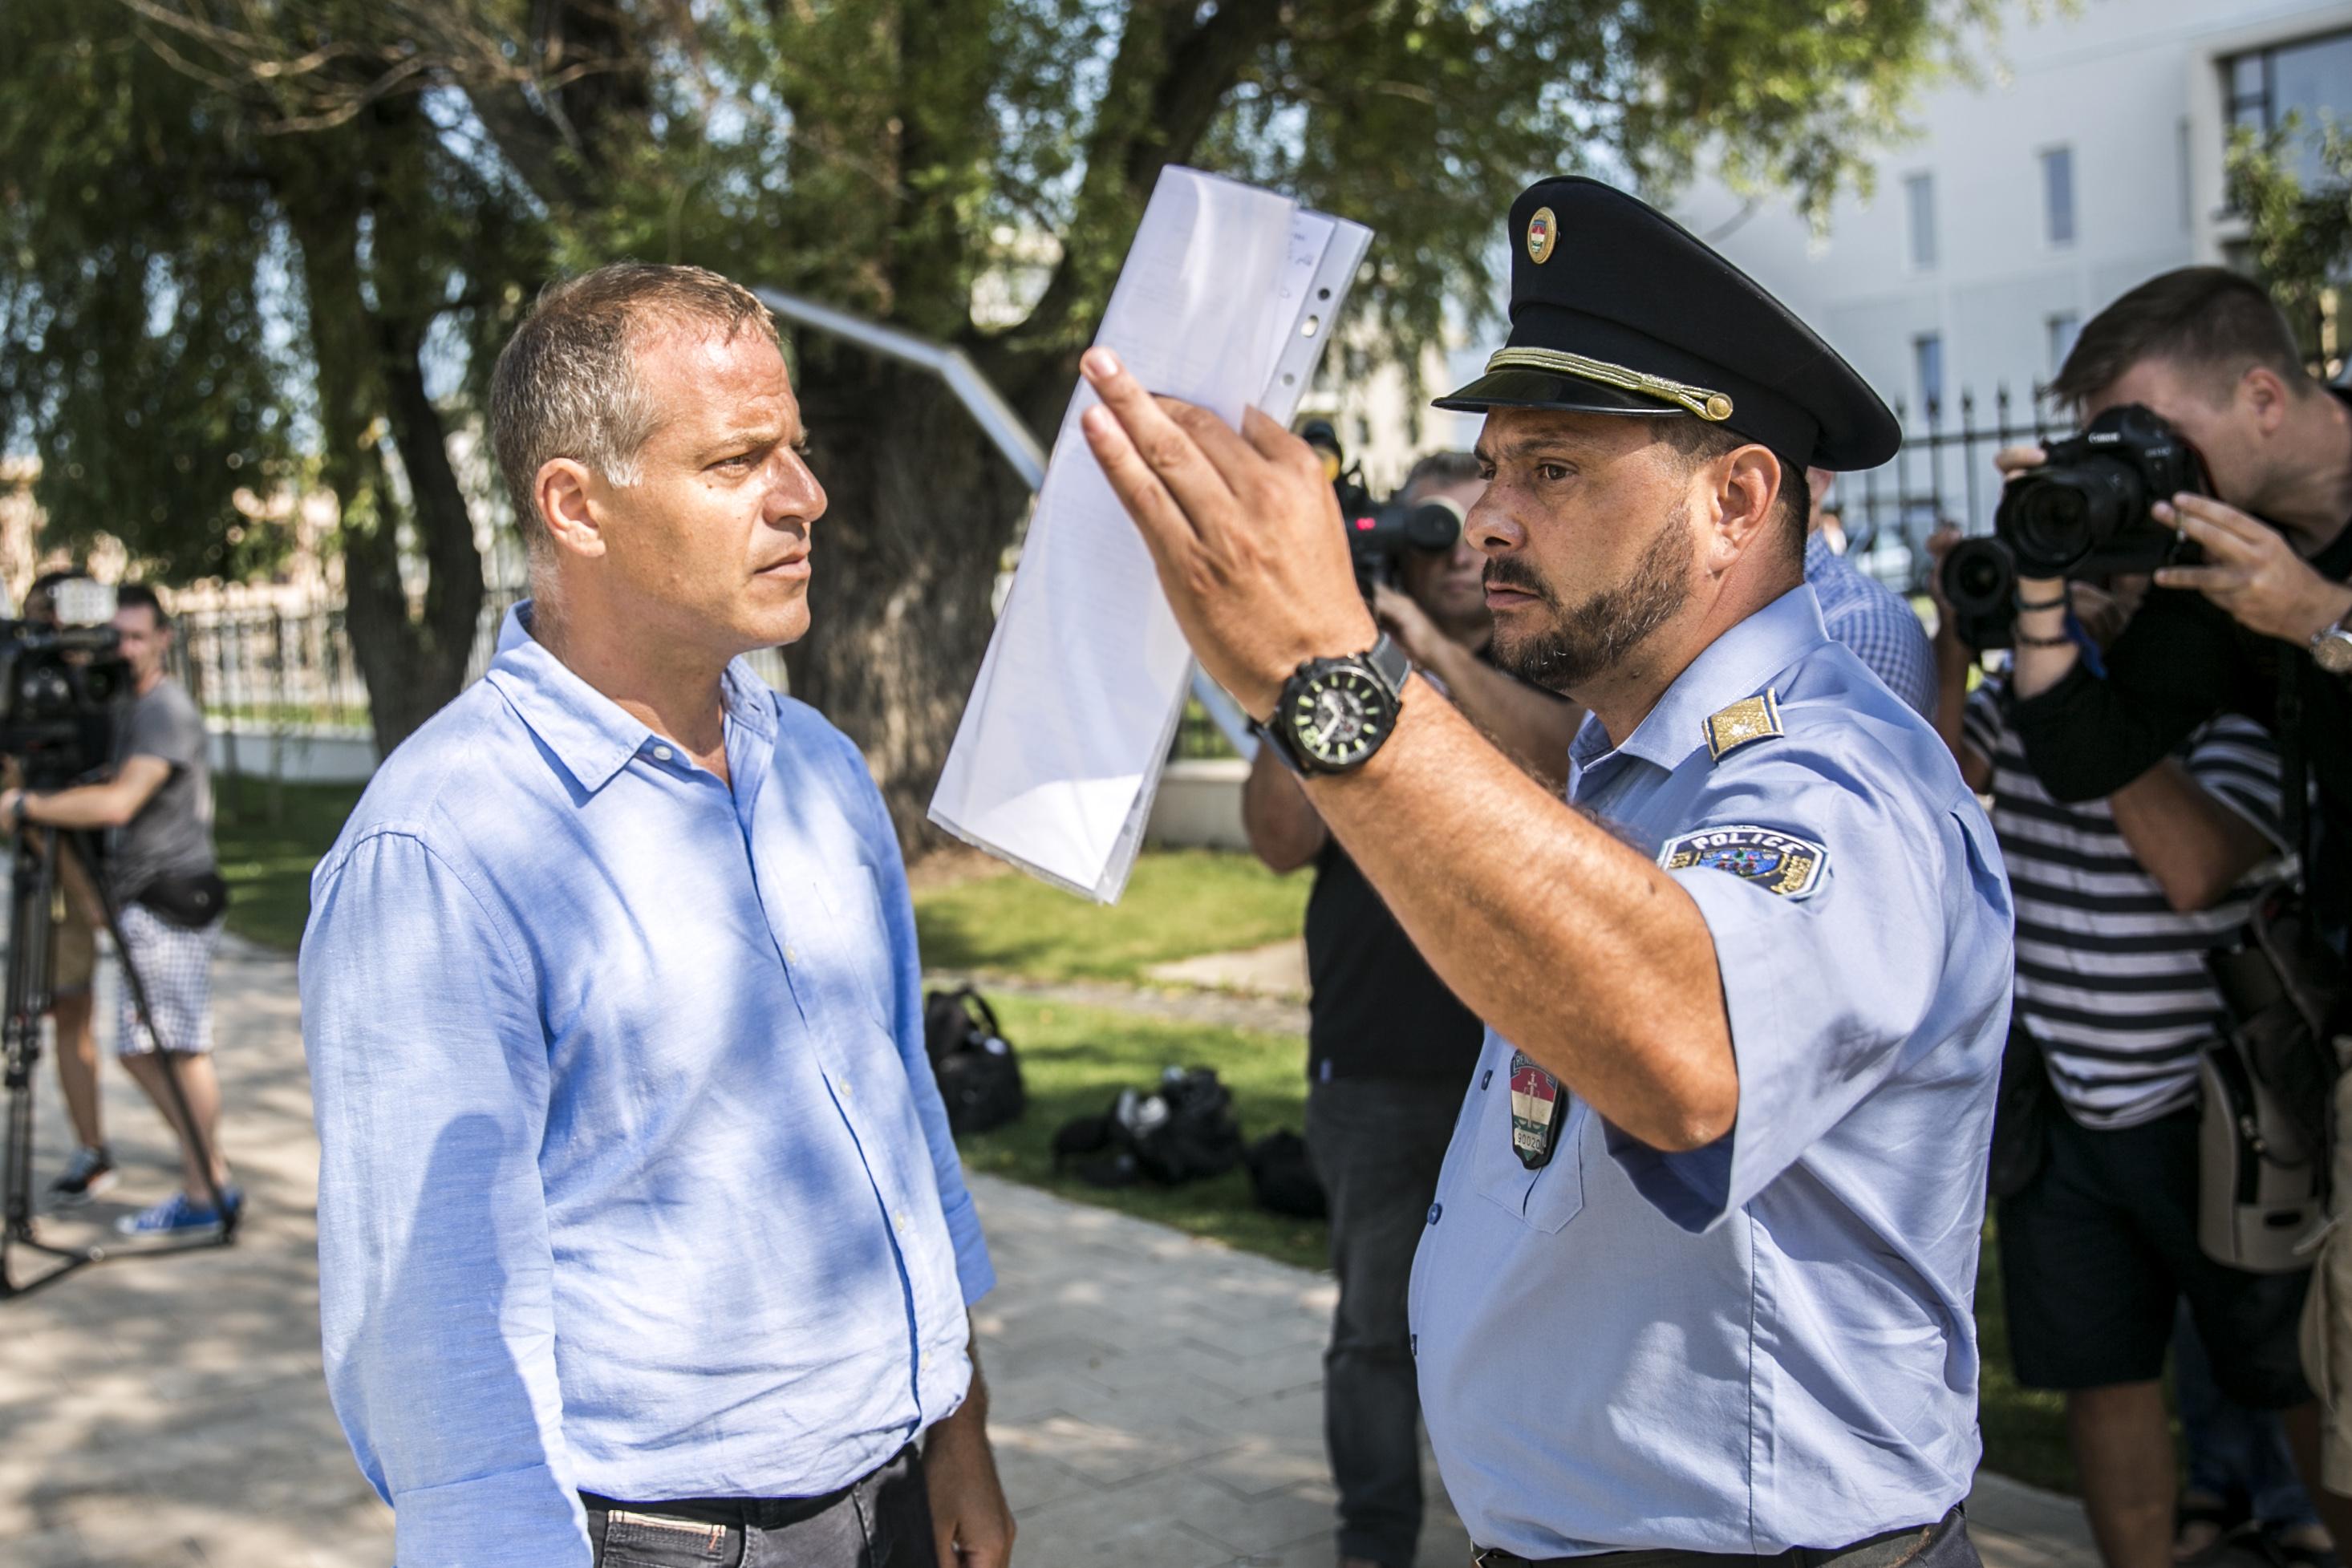 A rendőrség SOSEM lépne fel politikai céllal, ezekben az ügyekben is csak szakmai szempontok alapján végezték a munkájukat